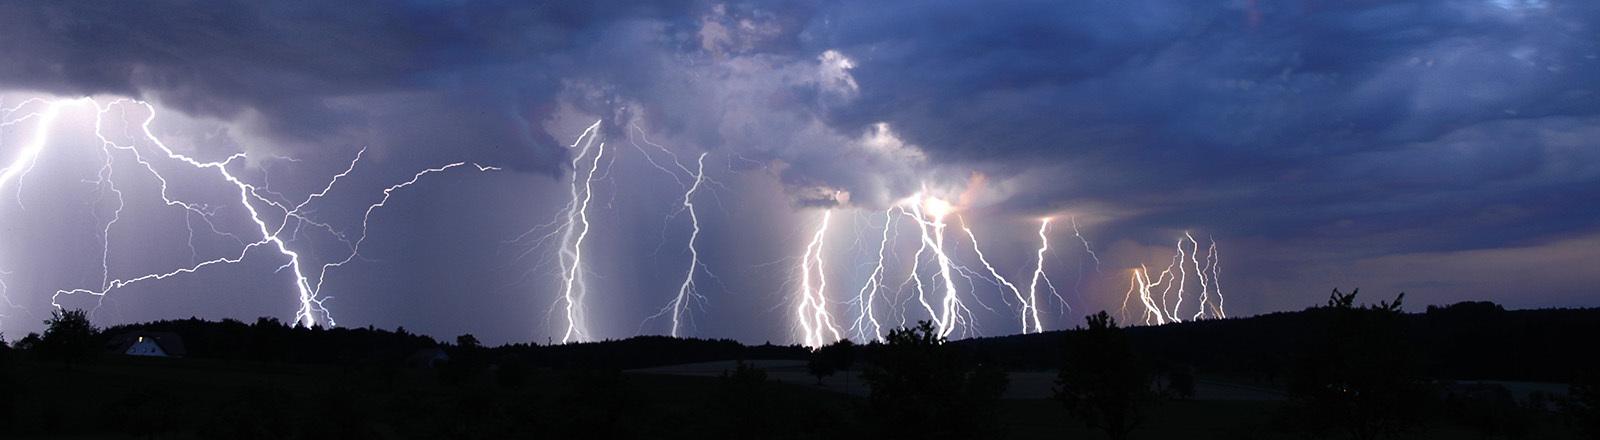 Ein Gewitter am Nachthimmel mit vielen Blitzen am Horizont.